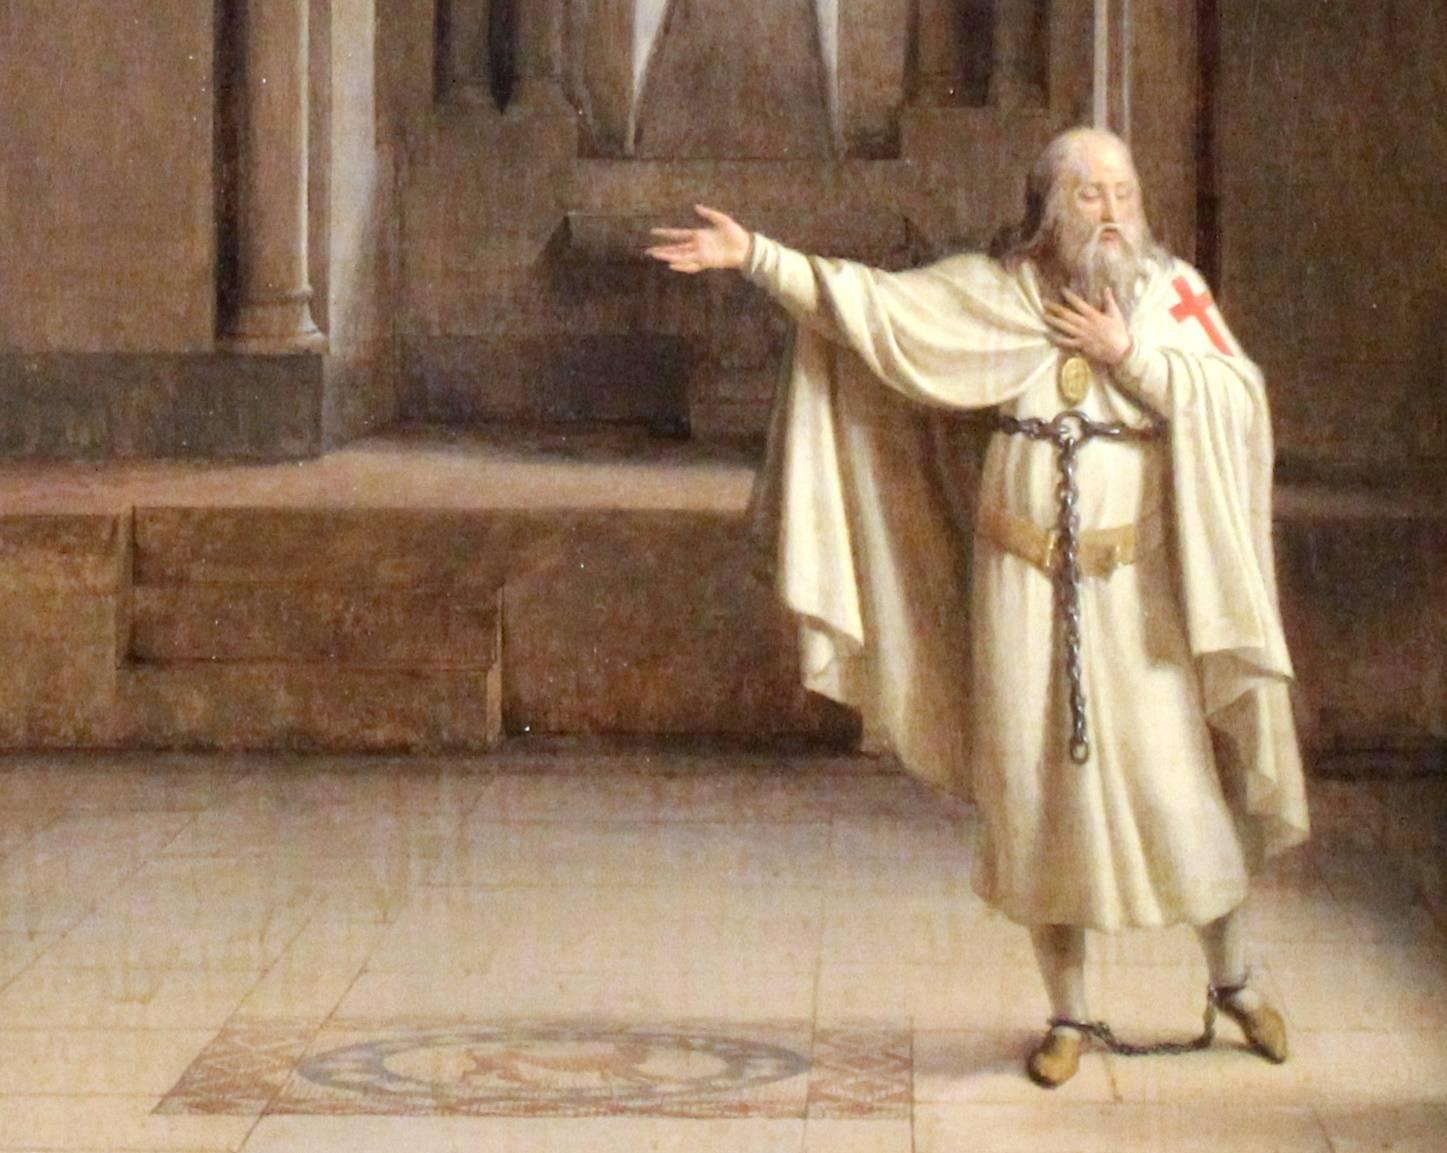 """W oczach Kościoła ci rycerze-zakonnicy byli rzeczywistymi """"żołnierzami Chrystusa"""", ucieleśnieniem prawdziwej rycerskości."""